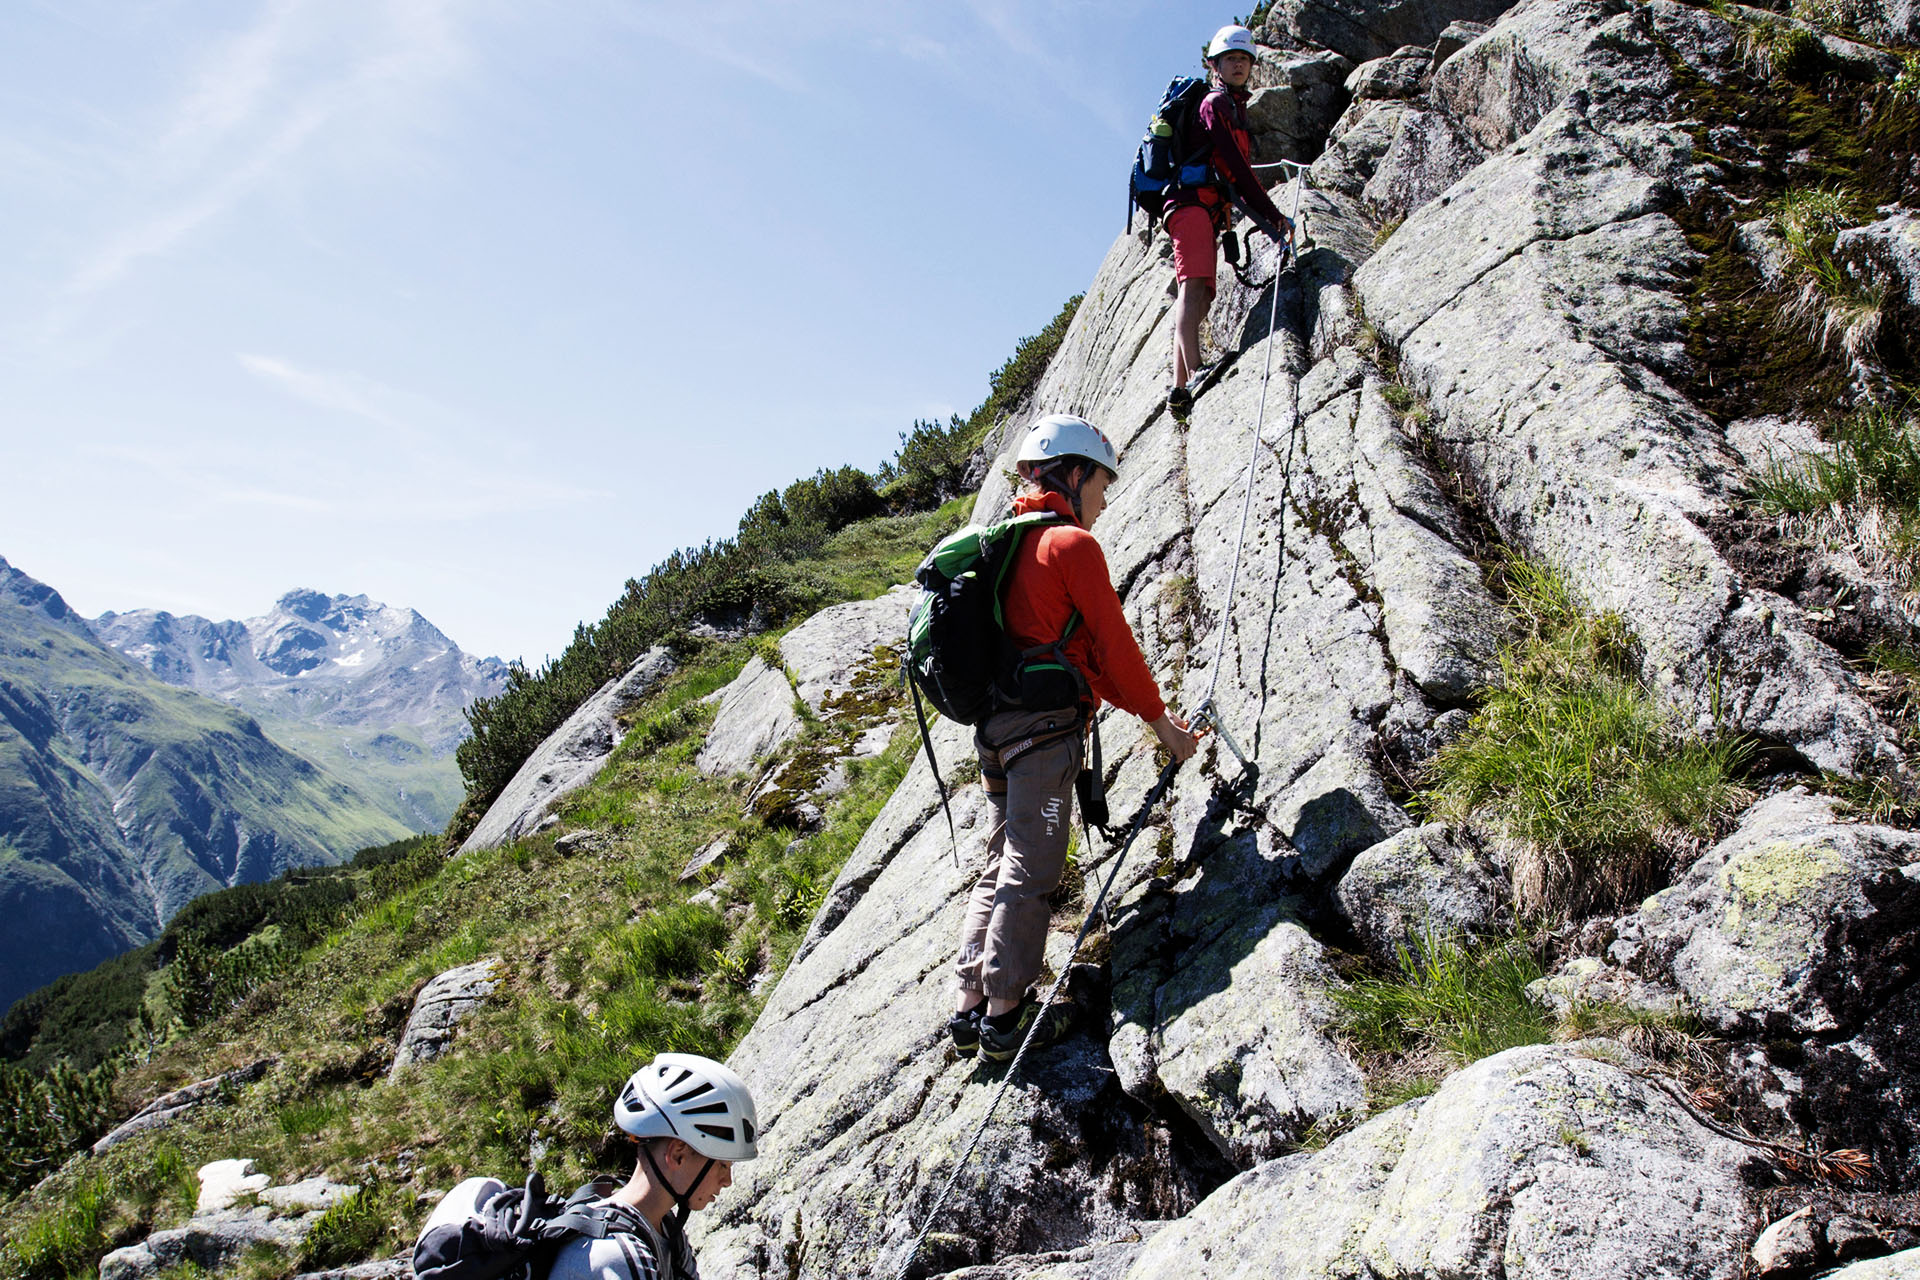 Klettersteig Set Angebot : Neuer familien klettersteig in galtür prime elements